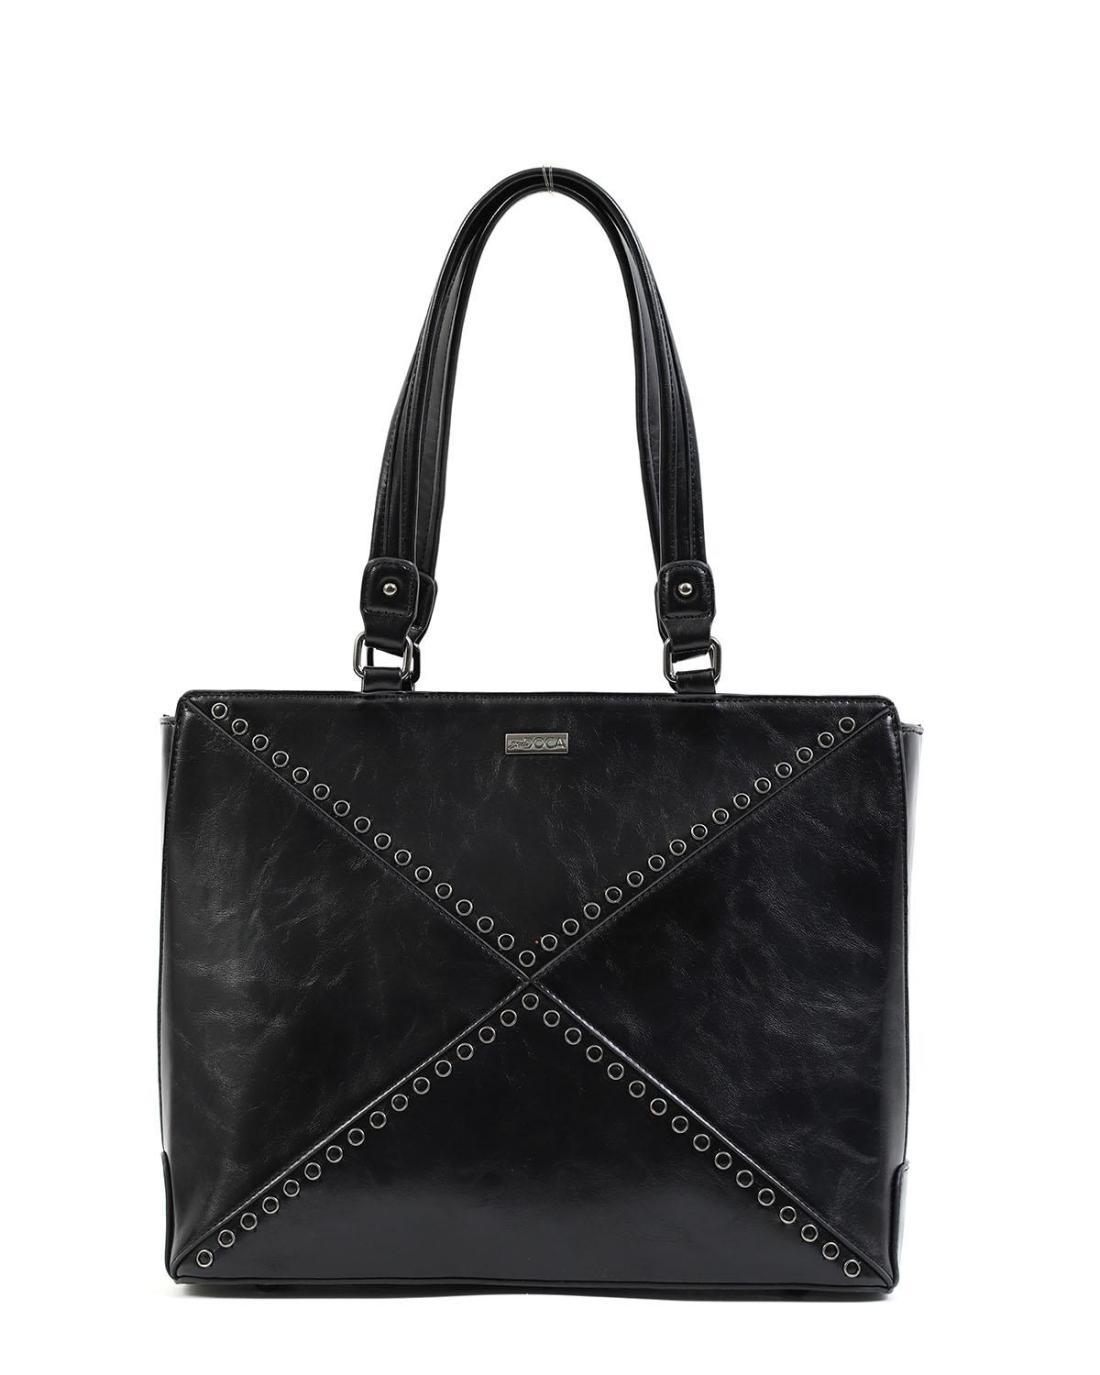 Καθημερινή τσάντα χειρός/ώμου μαύρη